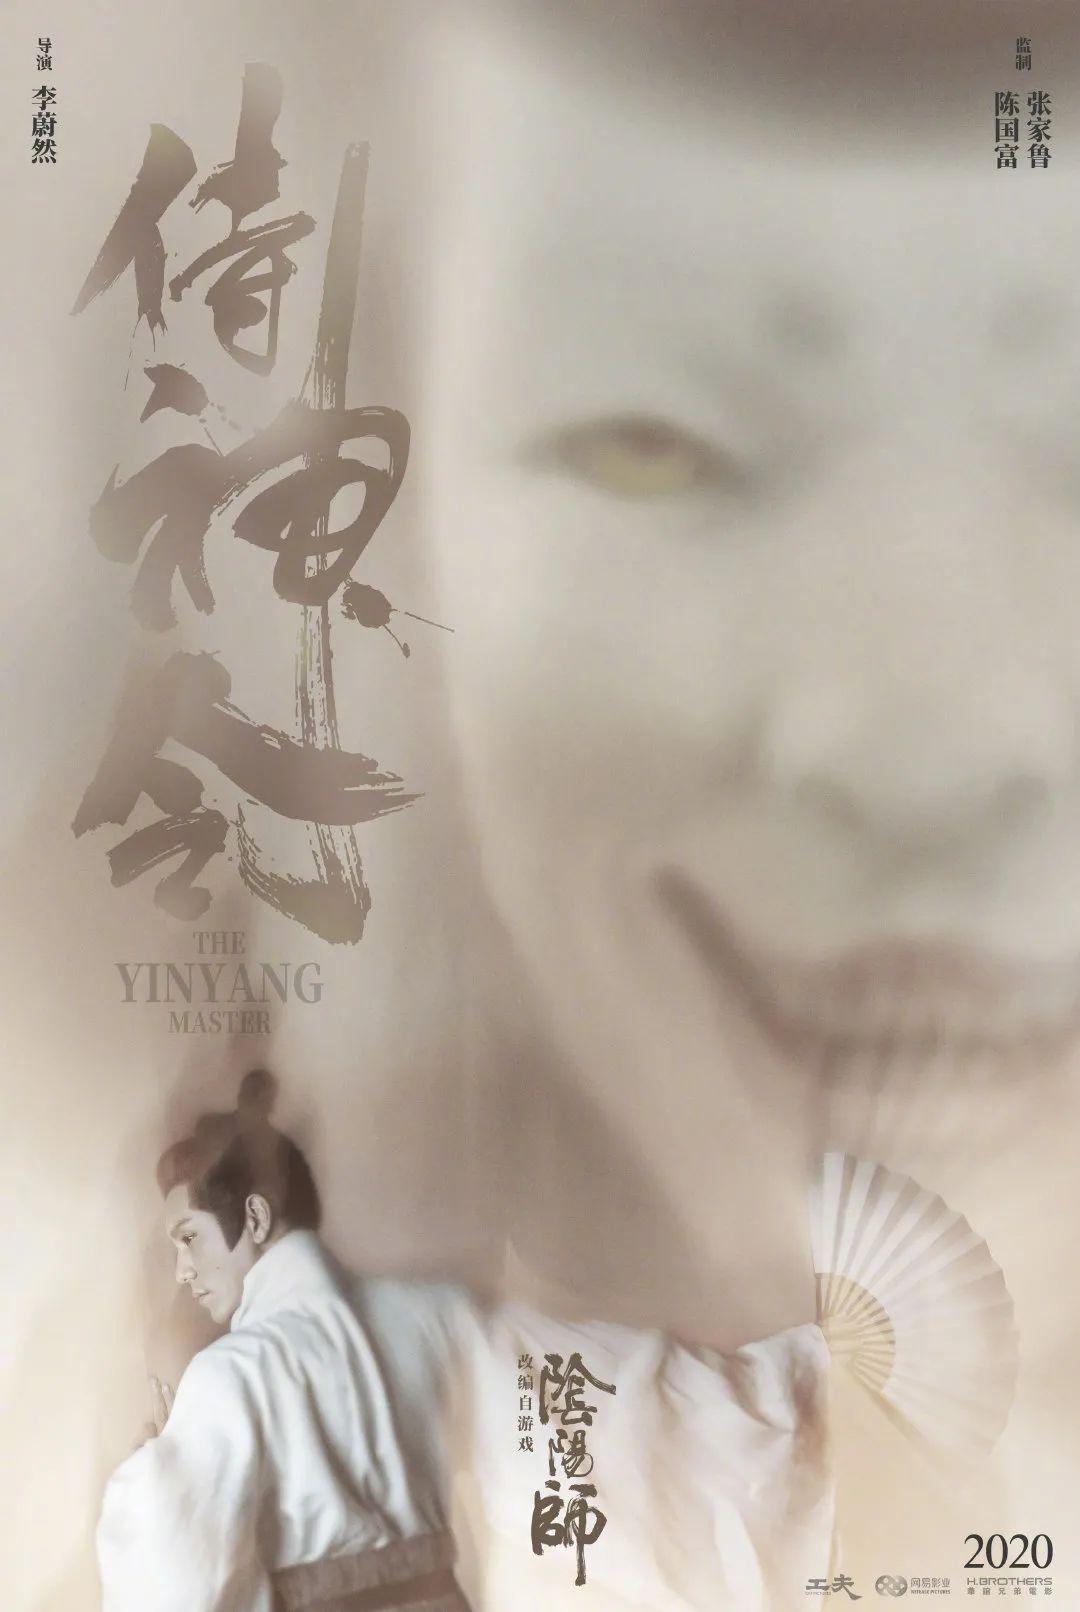 《阴阳师》将改编成真人电影《侍神令》海报公布,将于2020年内上映。_图片